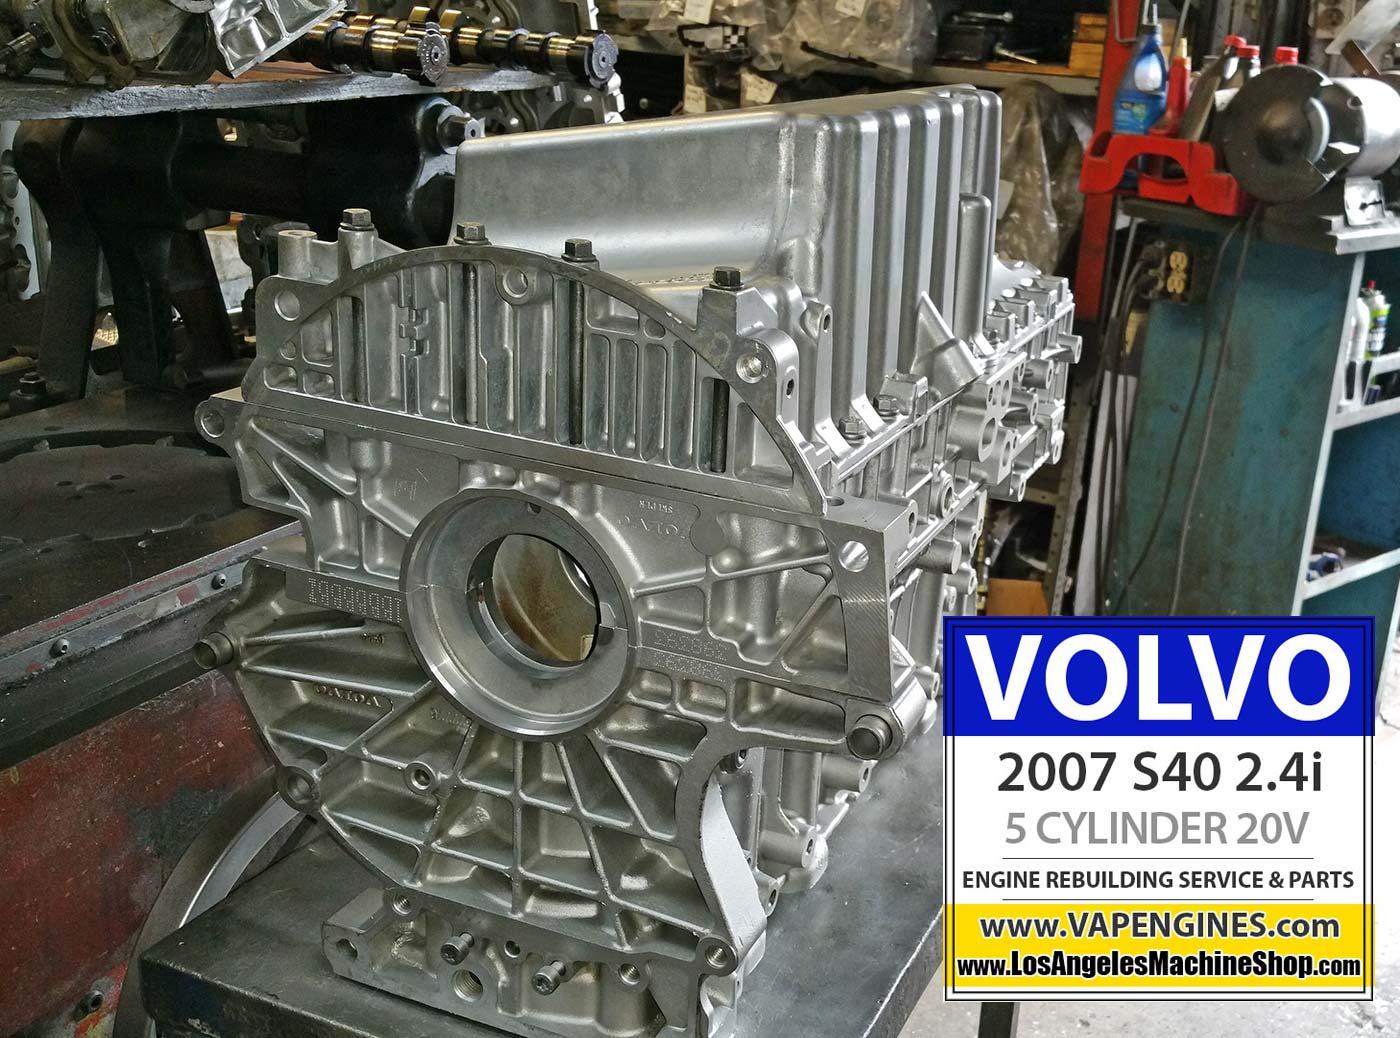 07 Volvo S40 2.4i Engine Rebuild - Los Angeles Machine Shop- Engine ...